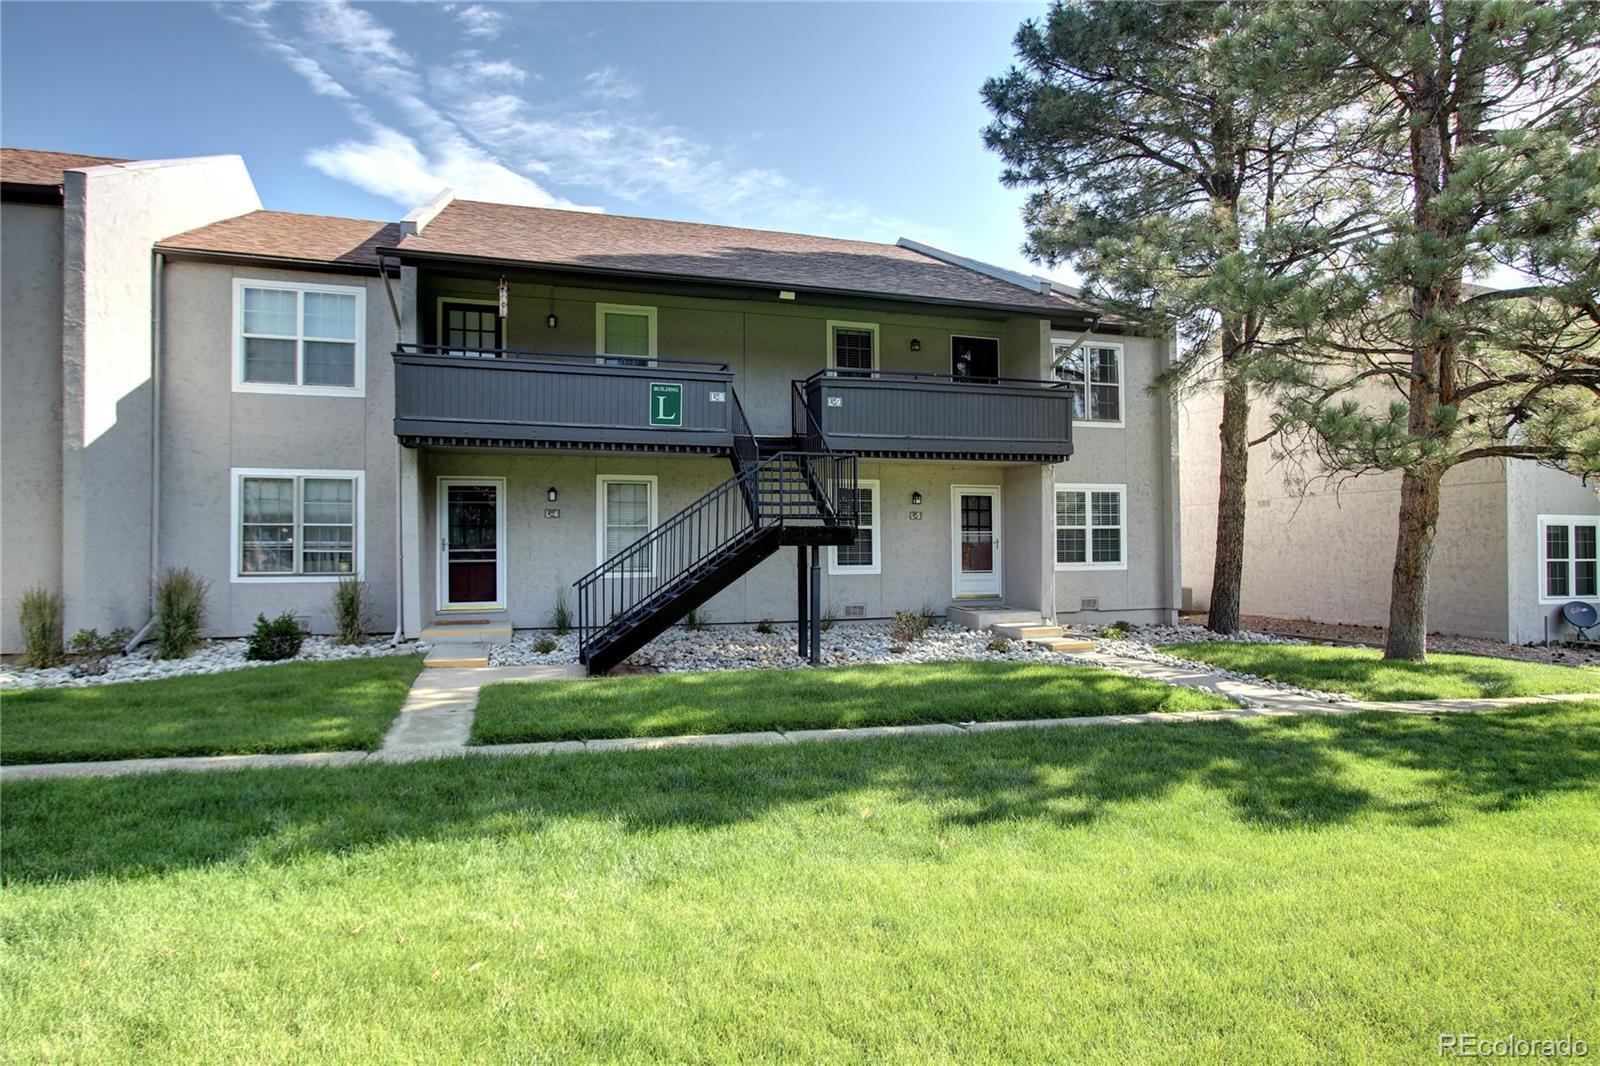 MLS# 3773257 - 5 - 7110 S Gaylord Street #L9, Centennial, CO 80122